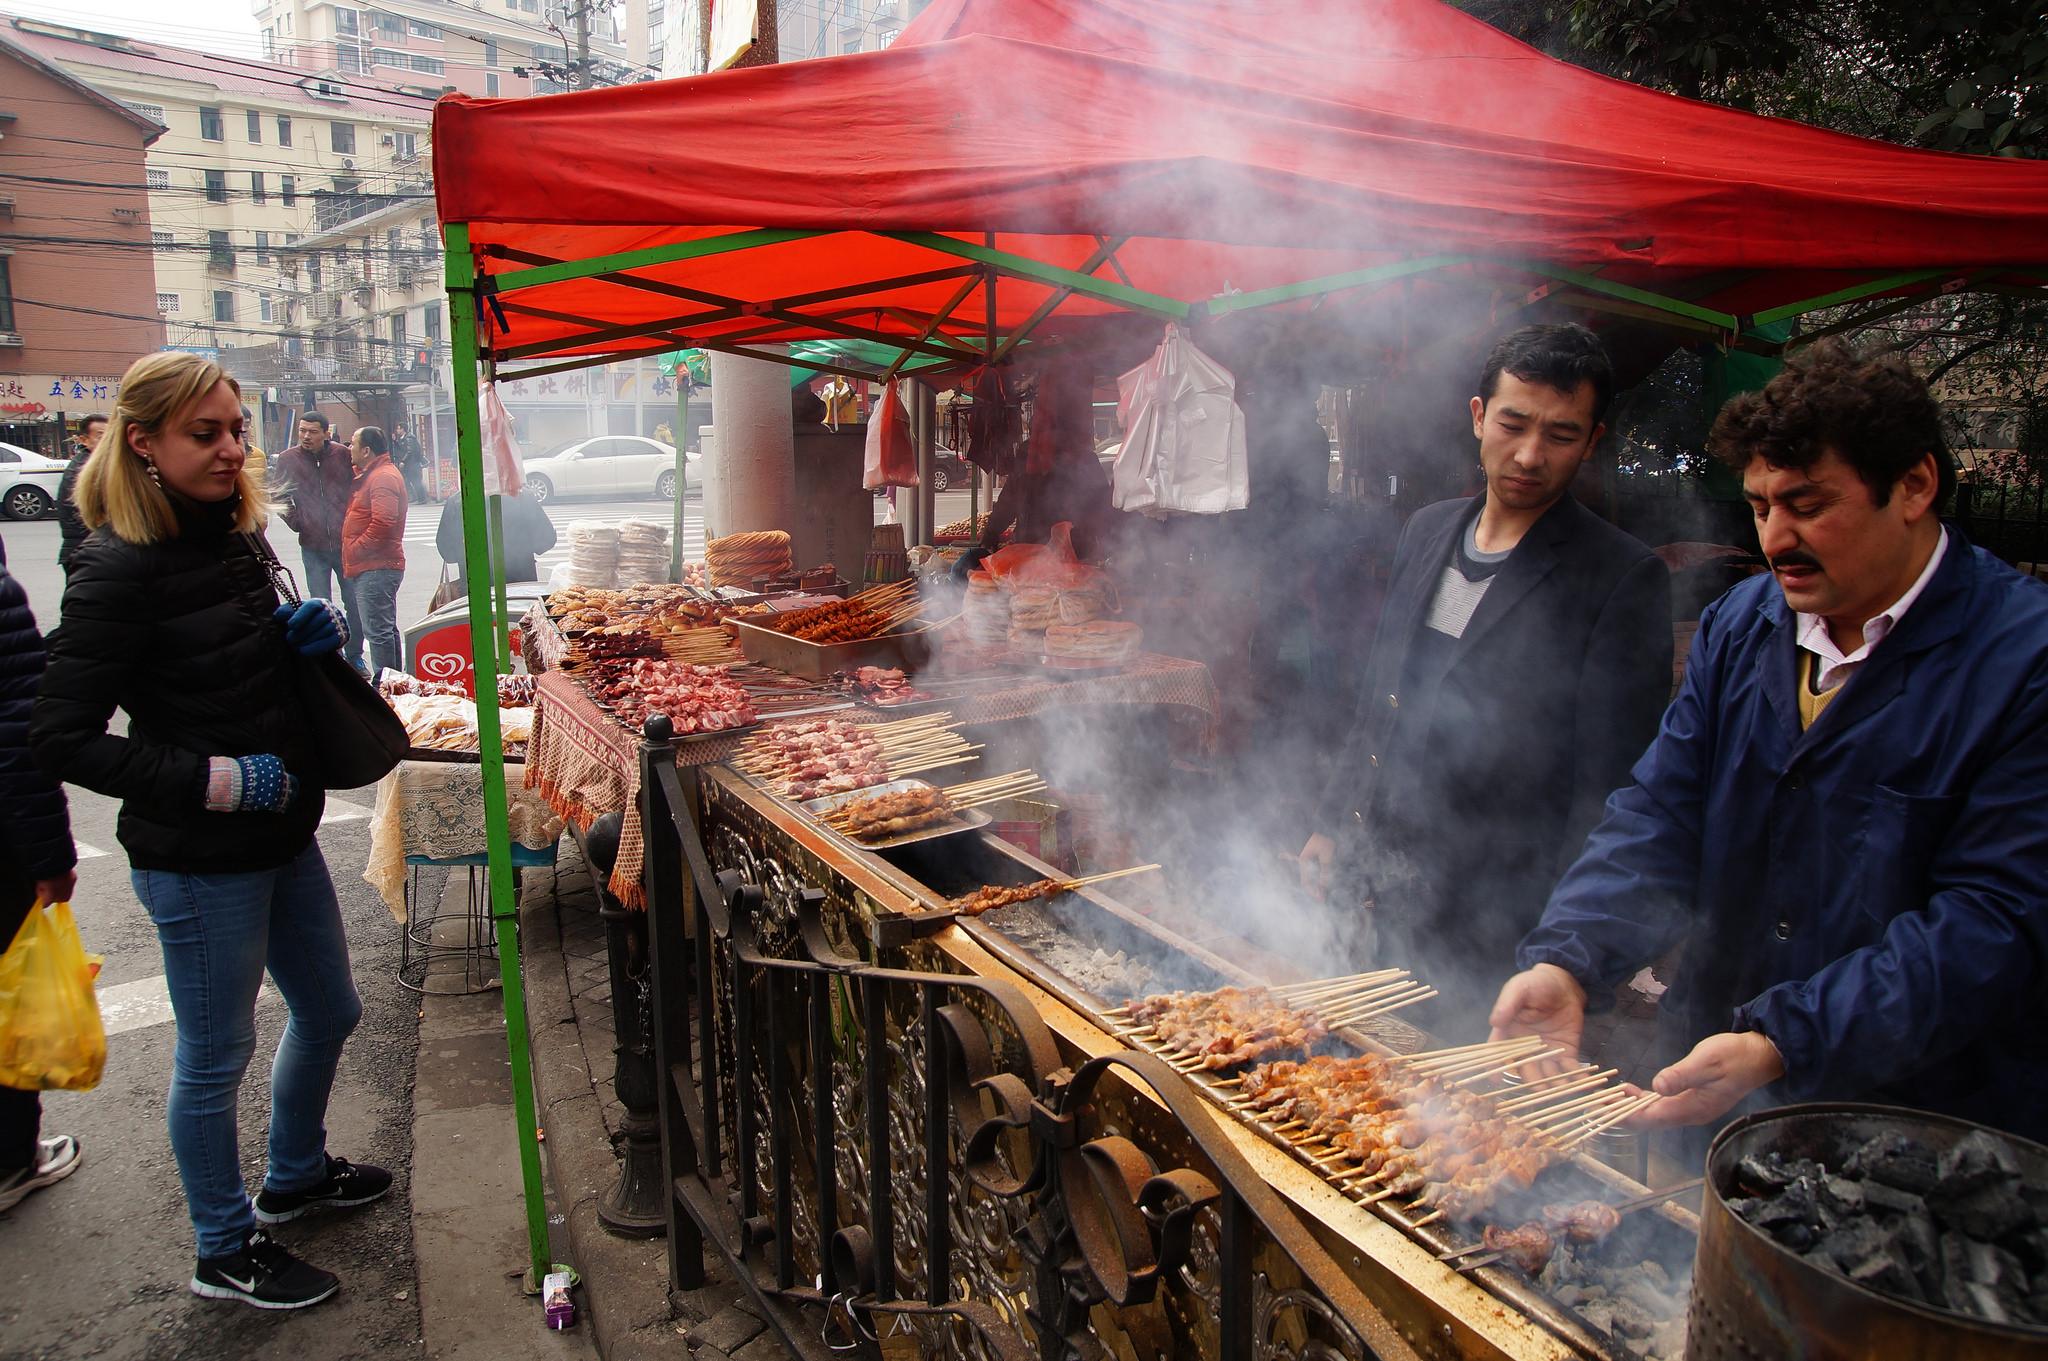 جمعه بازار مسلمانان در شانگهای چین